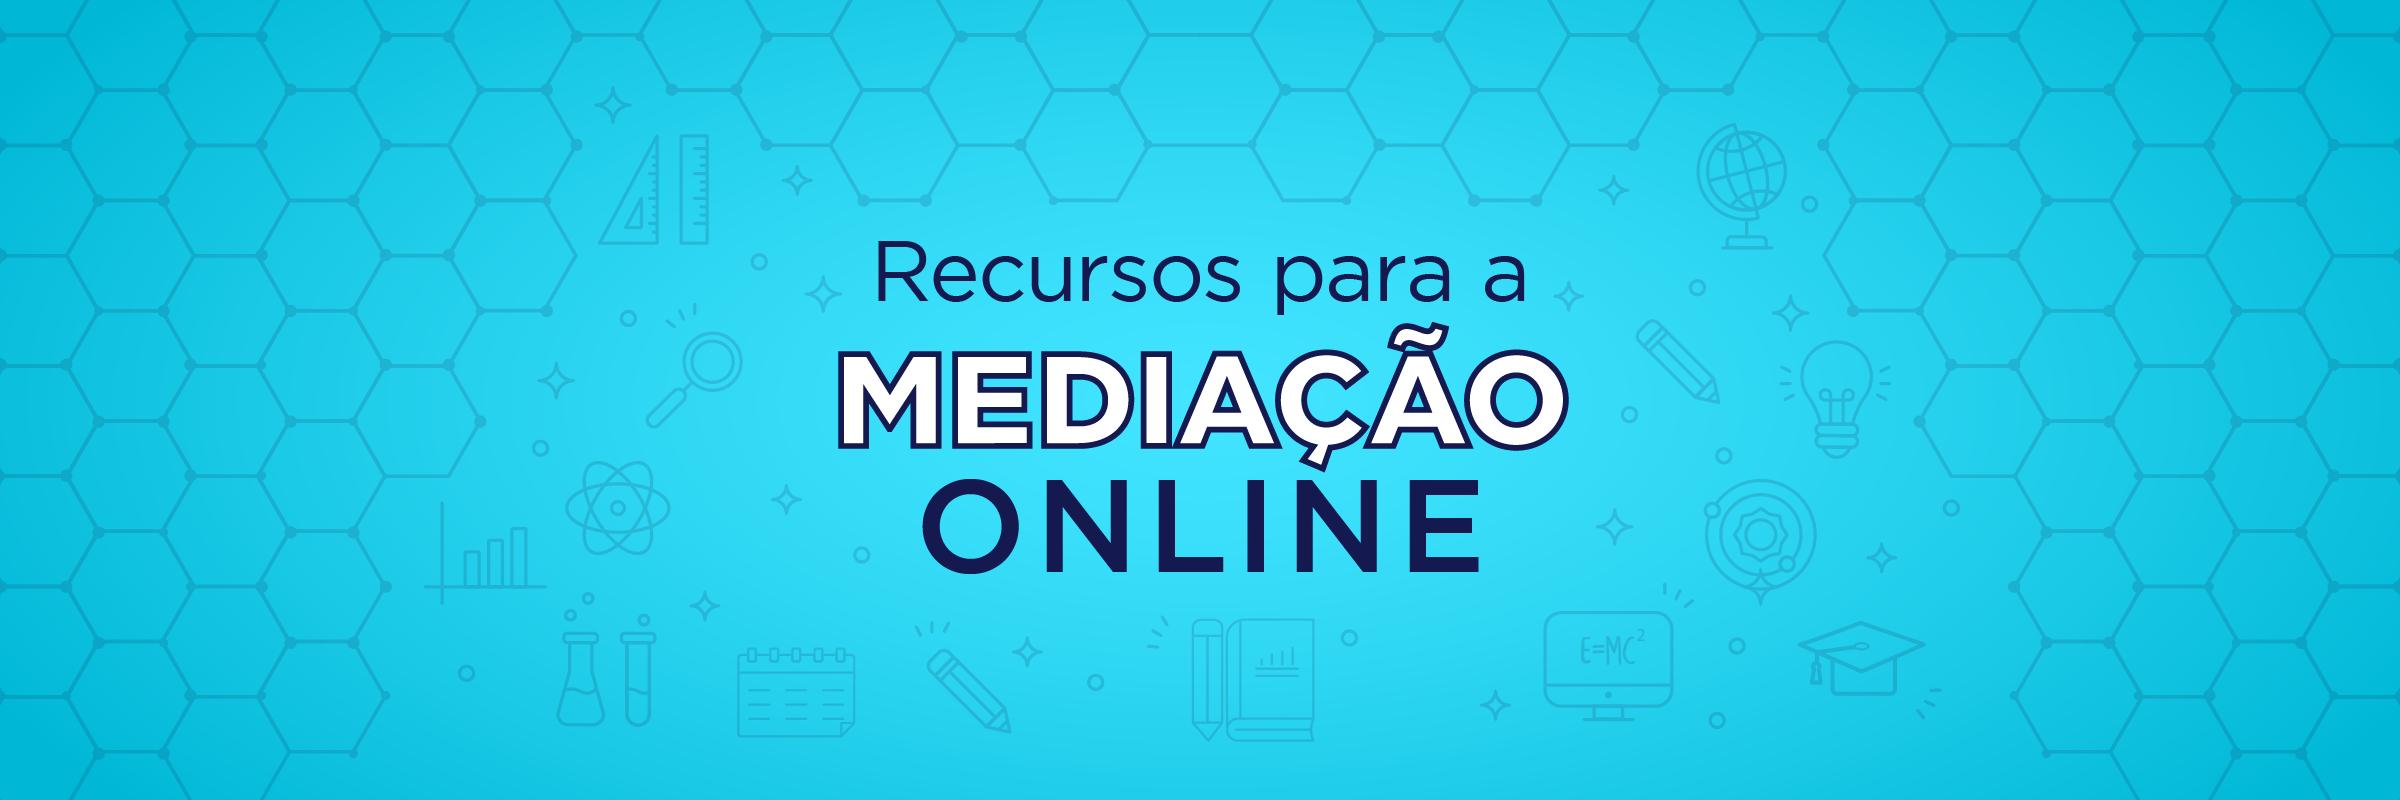 Recursos para a Mediação Online